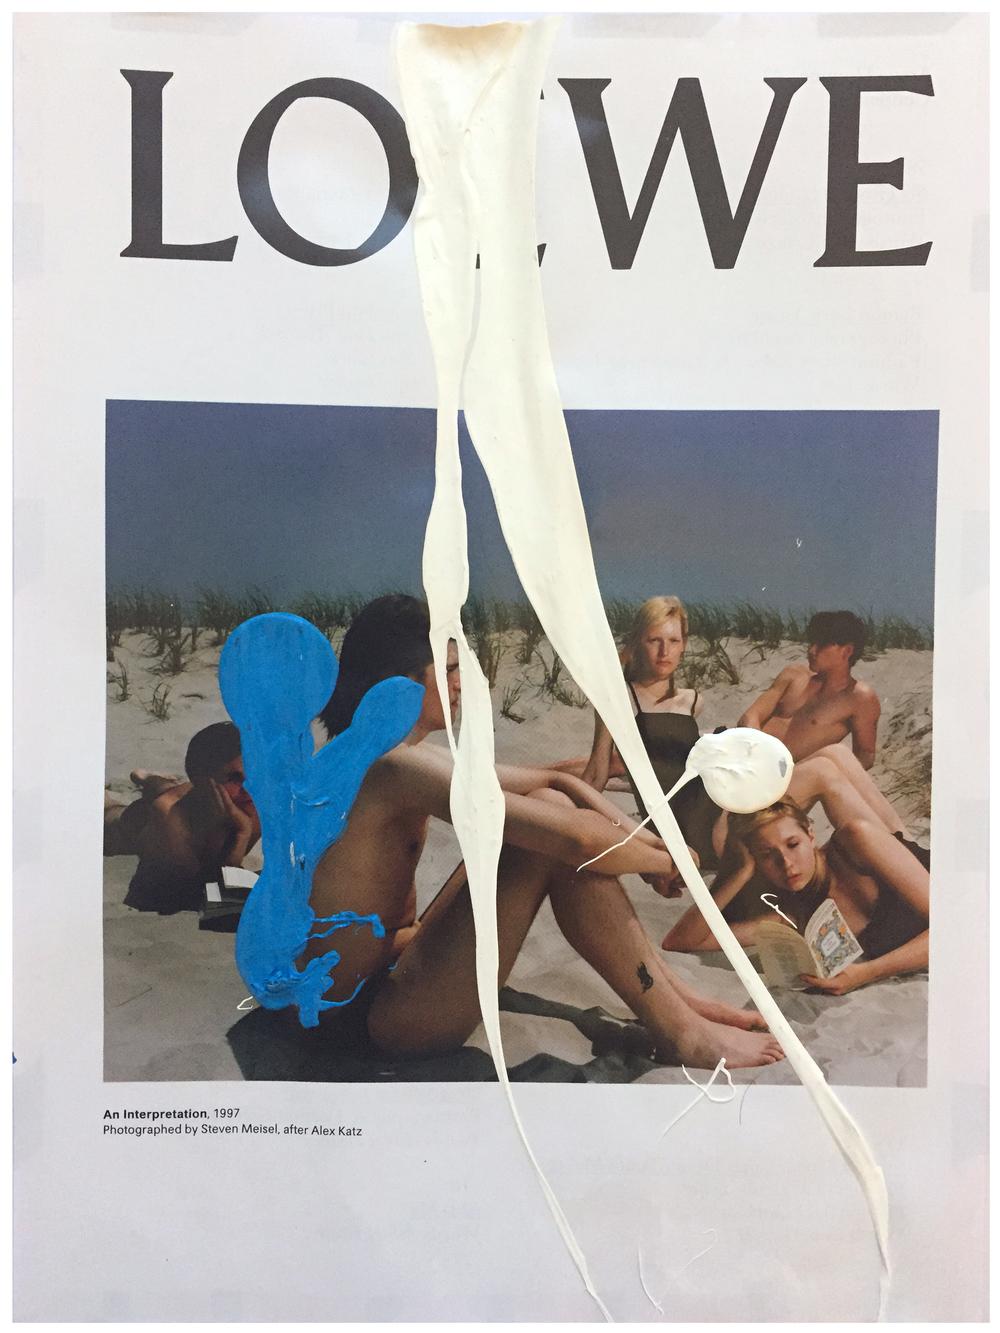 Loewe_Men.JPG